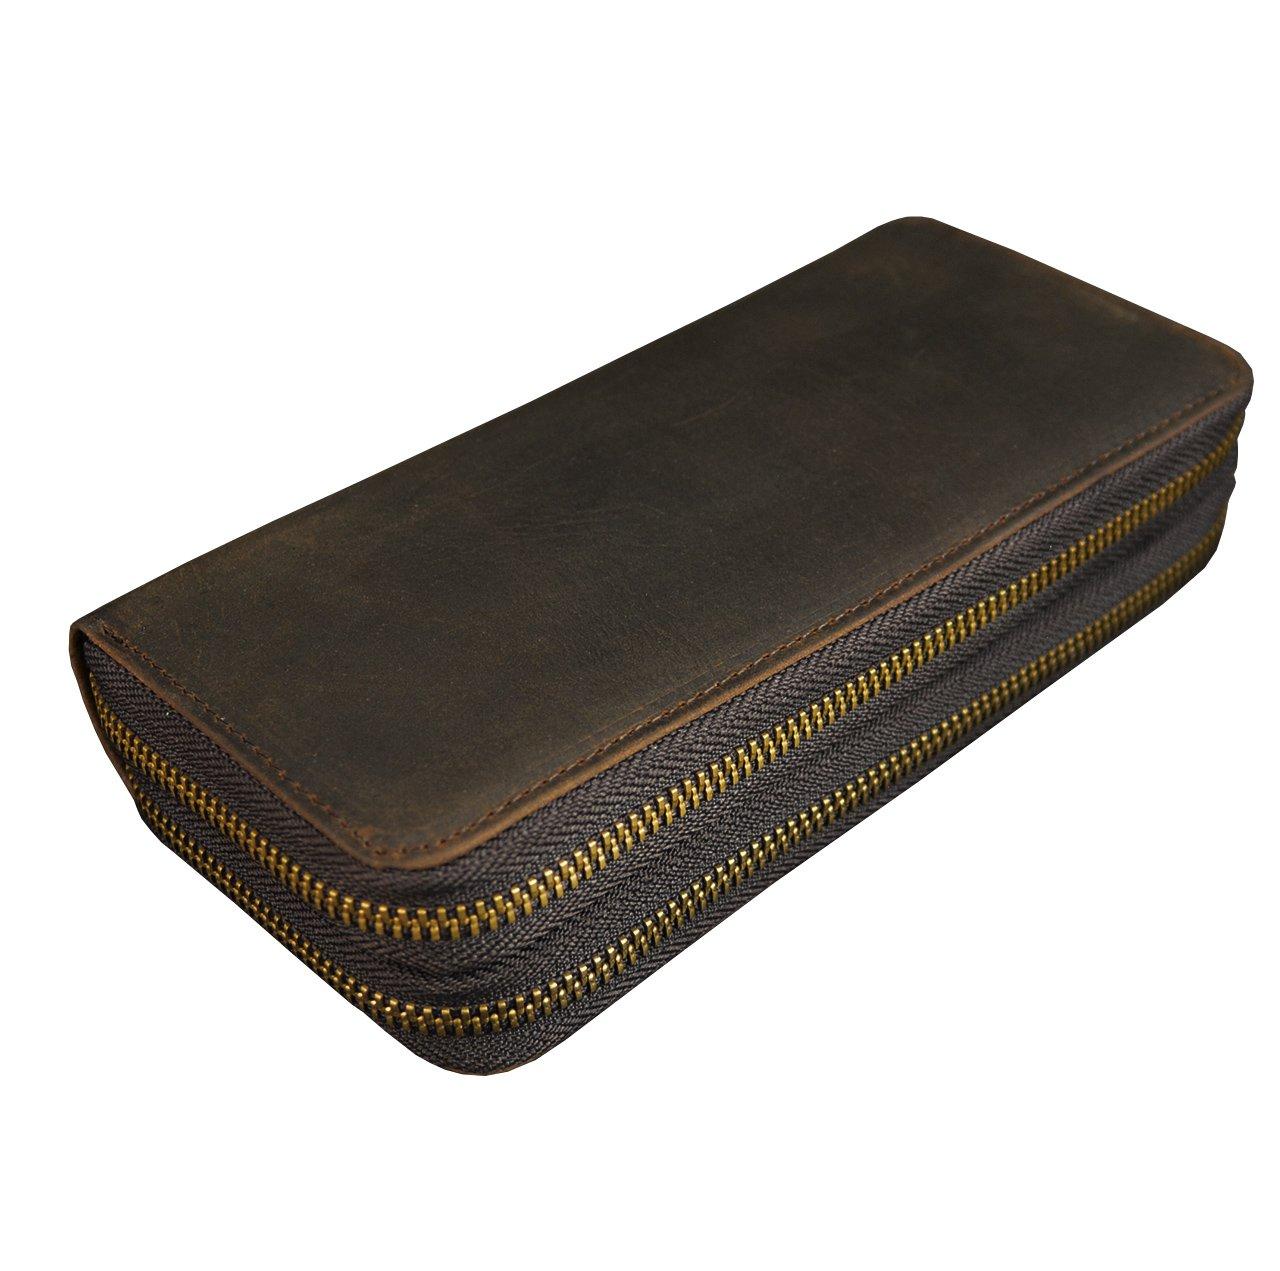 Luufan Double Zipper Long Wallet Carteras de embrague de cuero de gran capacidad con correa para la muñeca: Amazon.es: Equipaje